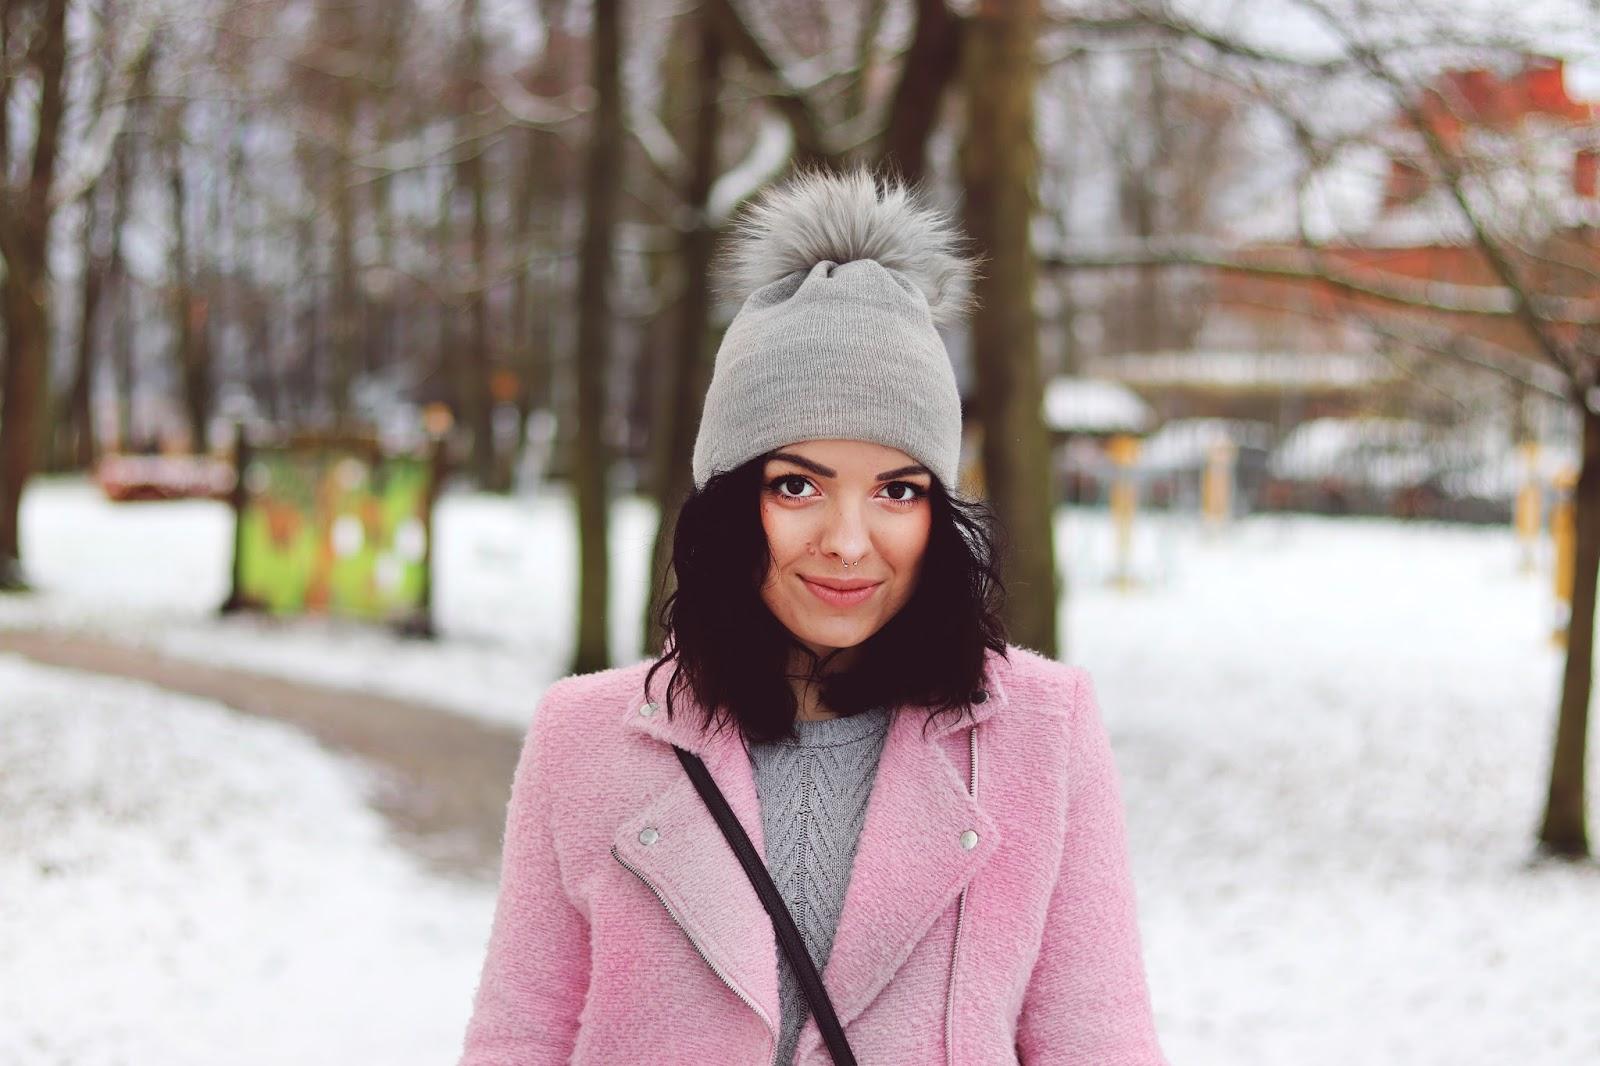 różowa kurtka ramoneska, szara czapka z pomponem, różowy płaszcz